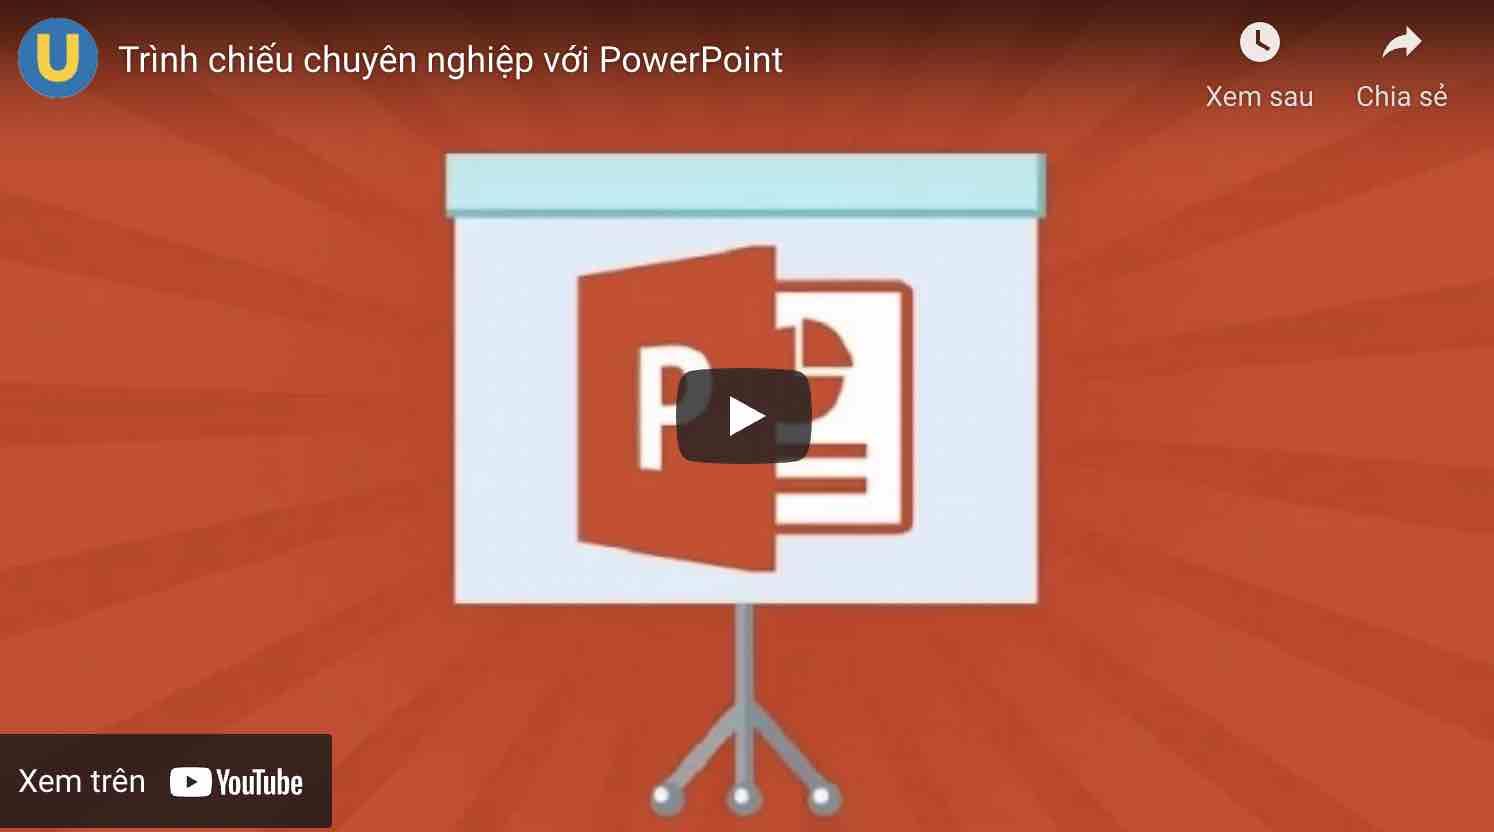 học thiết kế trình chiếu powerpoint online